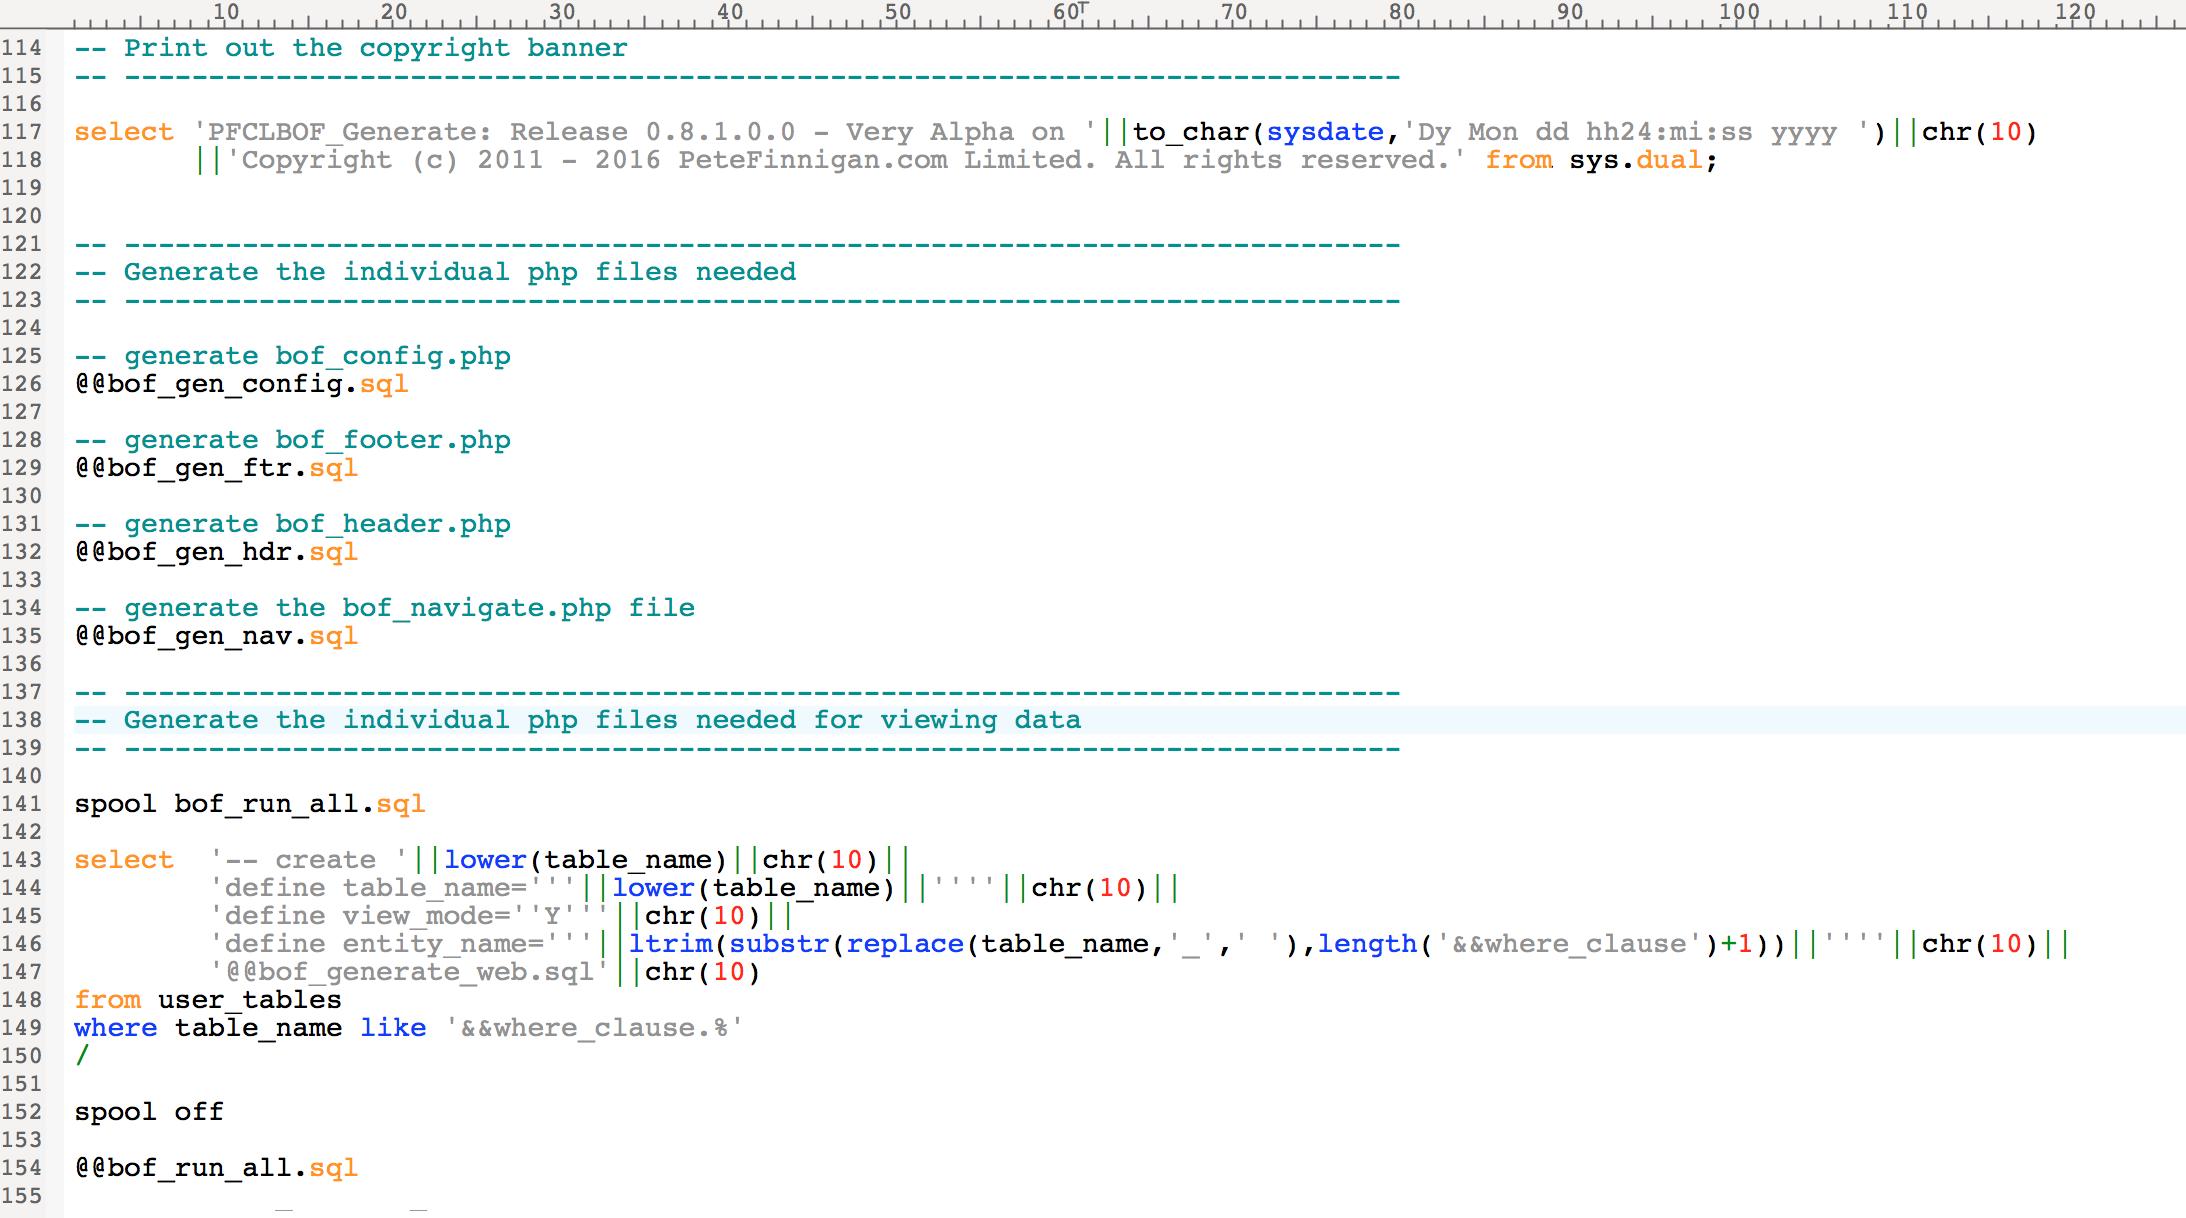 Main PL/SQL Configuration page